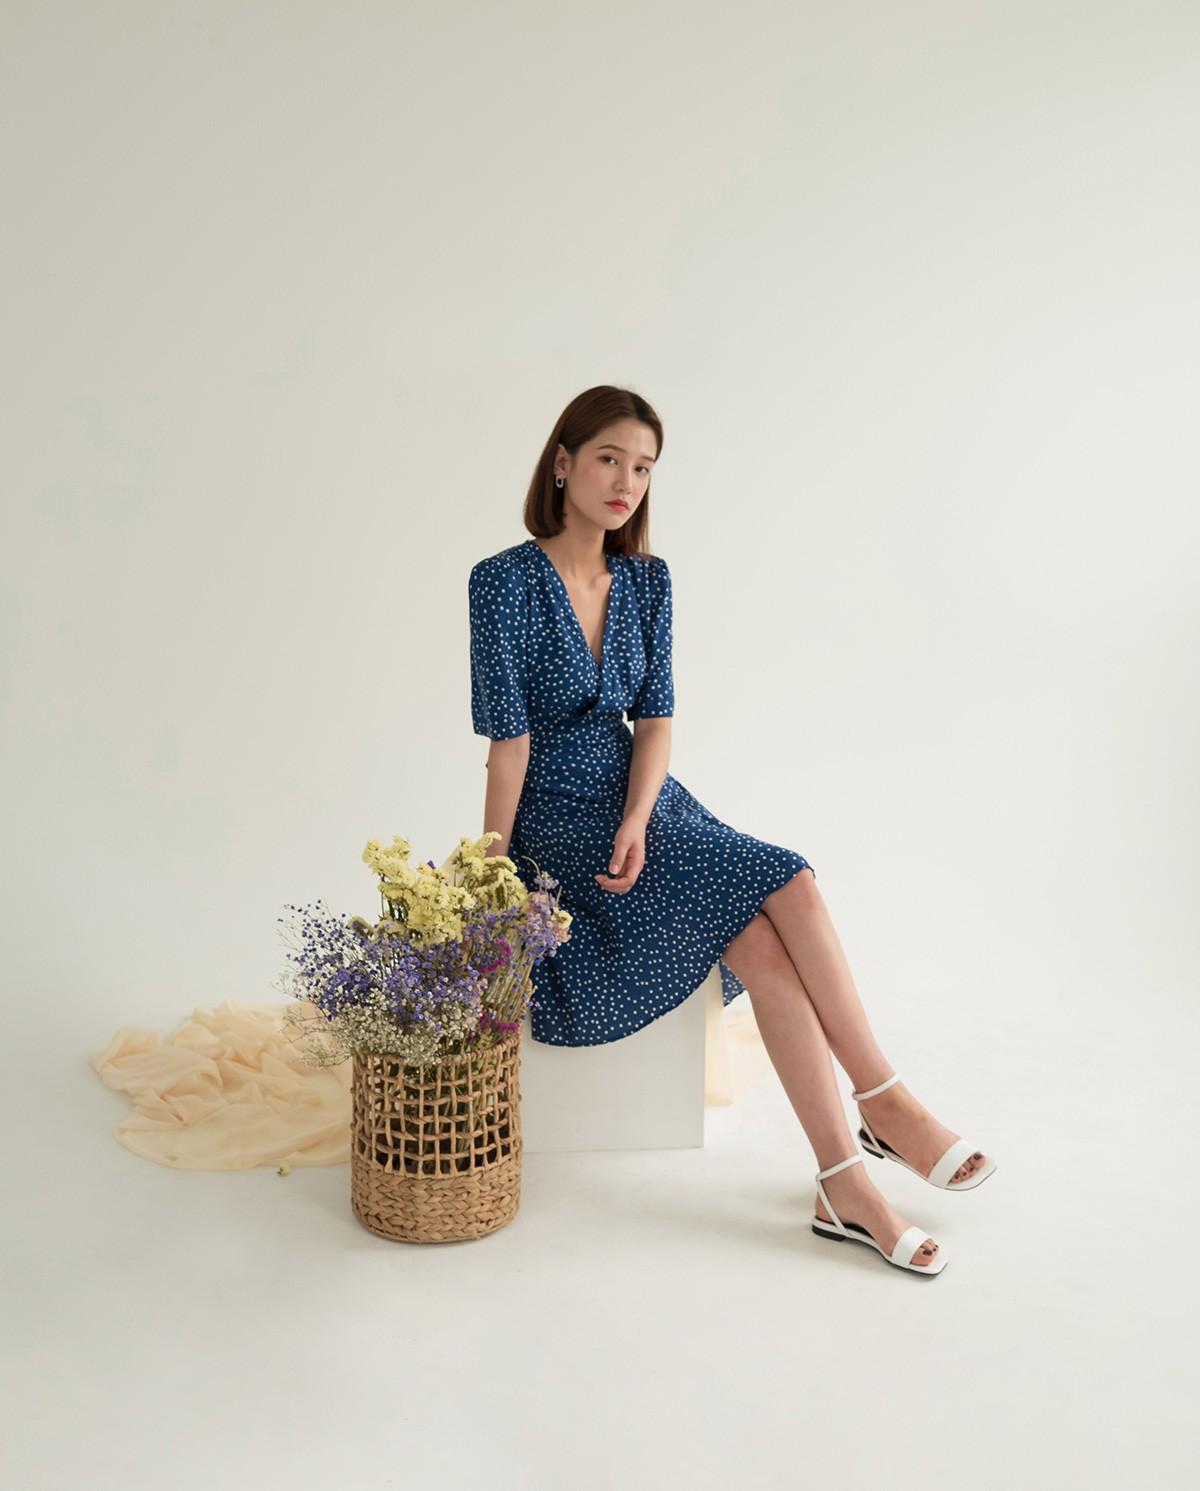 """4 mẫu váy đơn giản nhưng thừa độ sang chảnh, tinh tế giúp style của chị em """"sang trang"""" mới huy hoàng - Ảnh 5"""